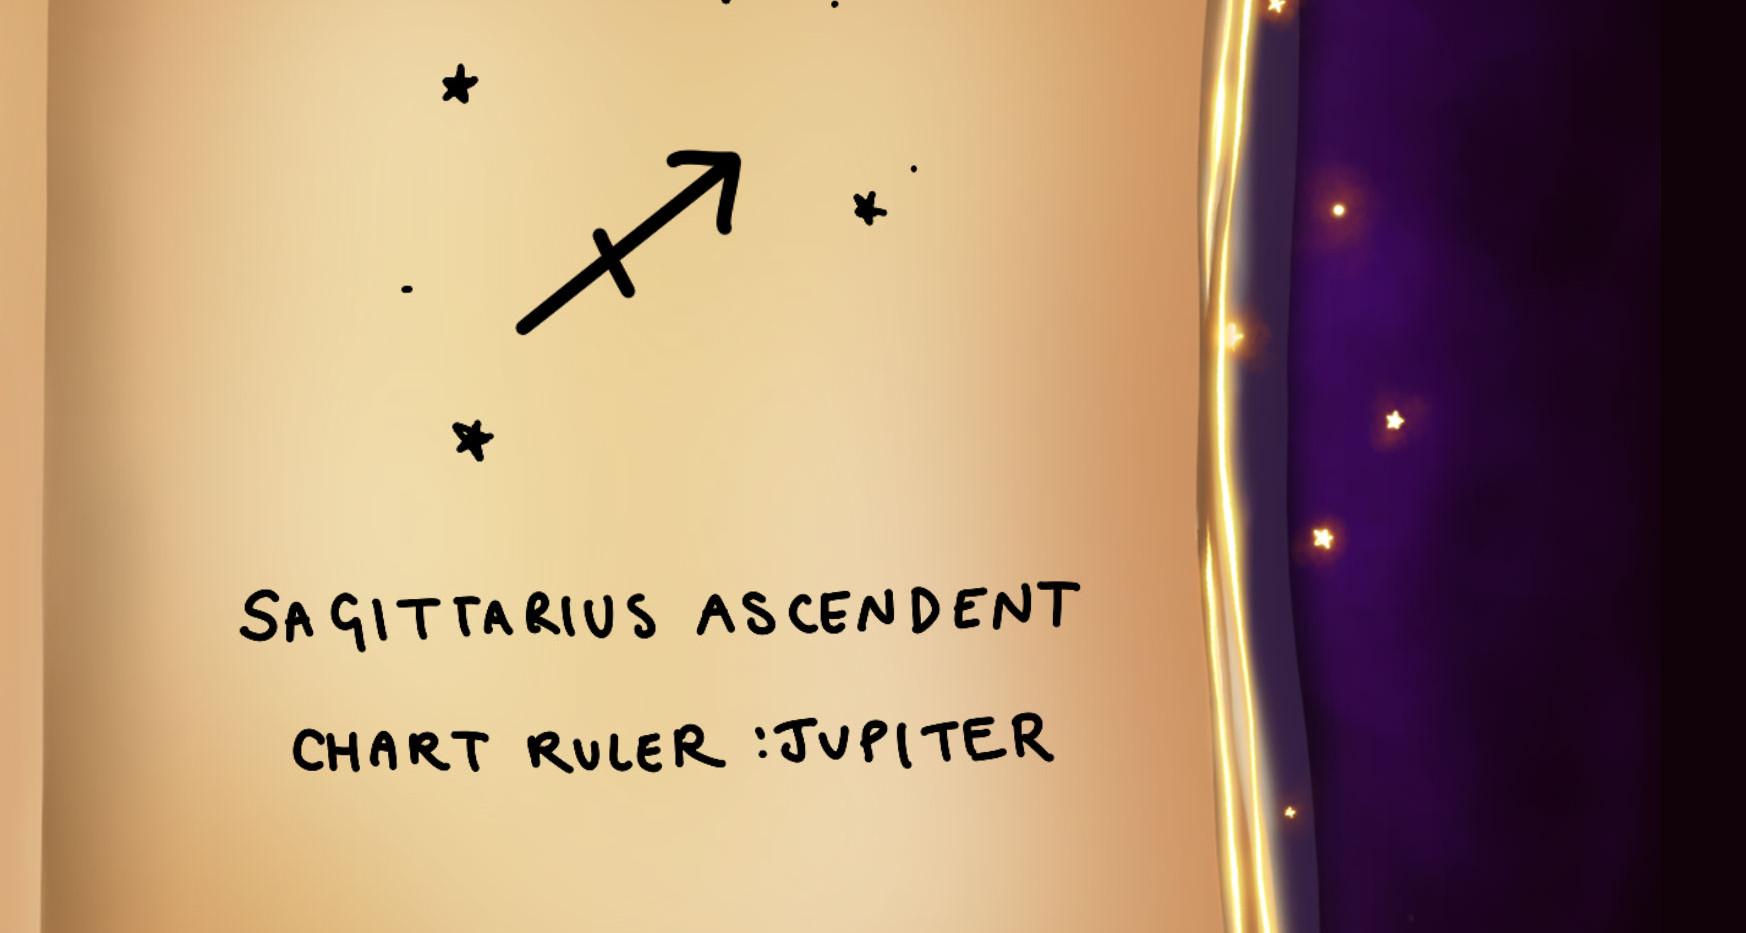 Chart Ruler - Jupiter